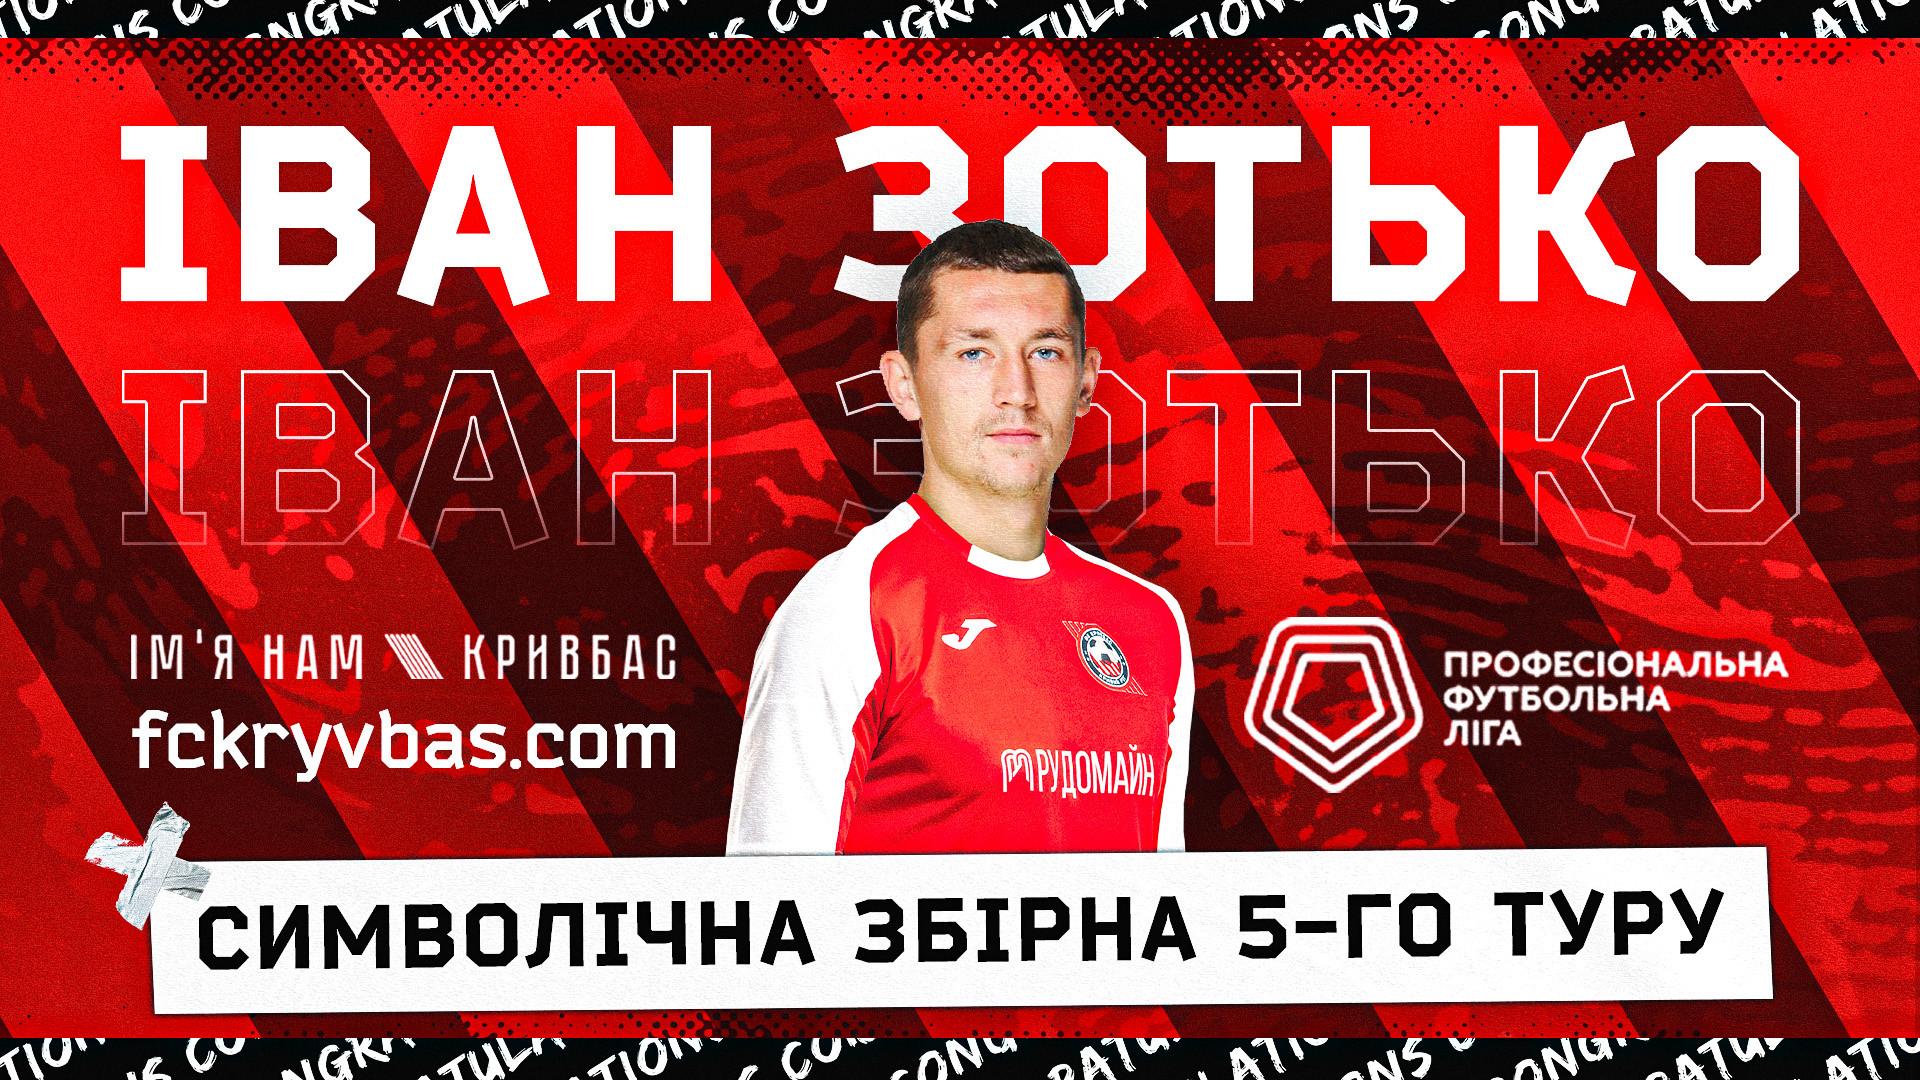 Іван Зотько - серед найкращих гравців 5 туру Першої ліги!}